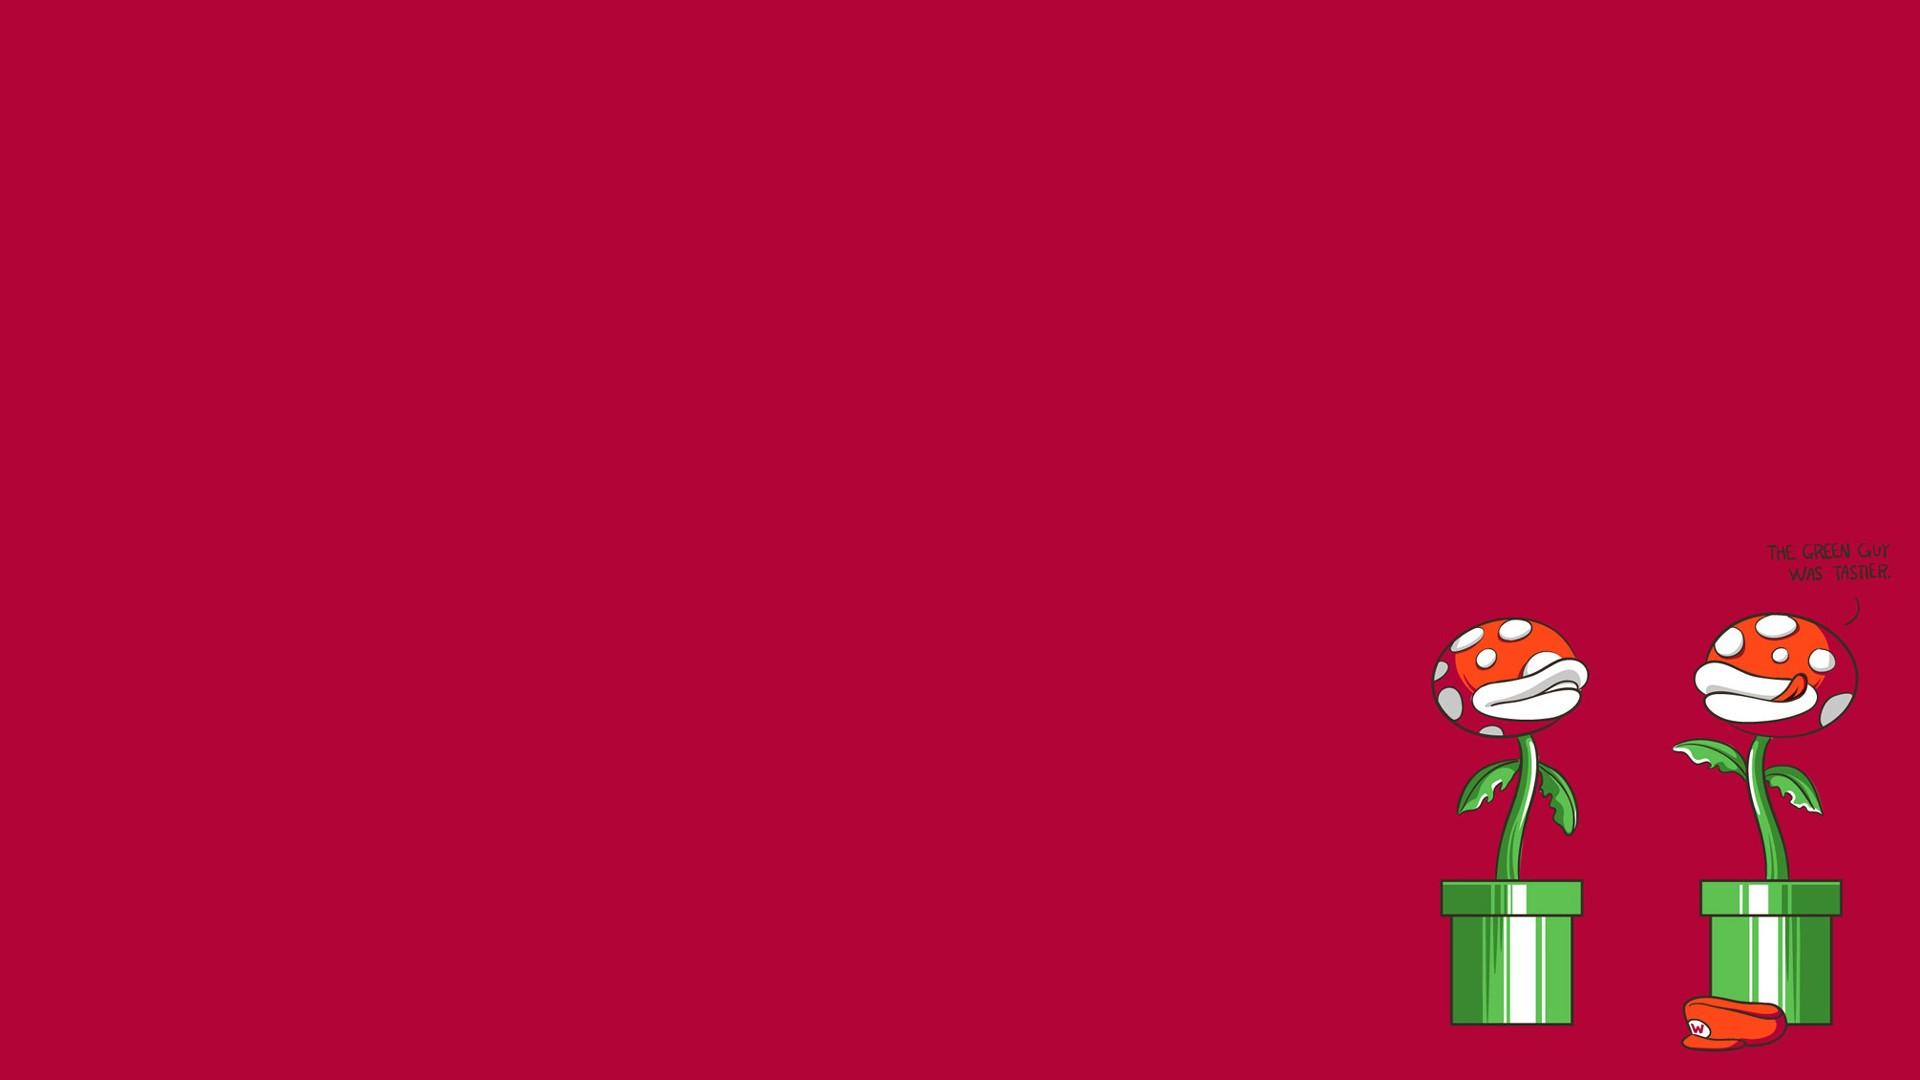 デスクトップ壁紙 図 単純な背景 ミニマリズム ユーモア 赤